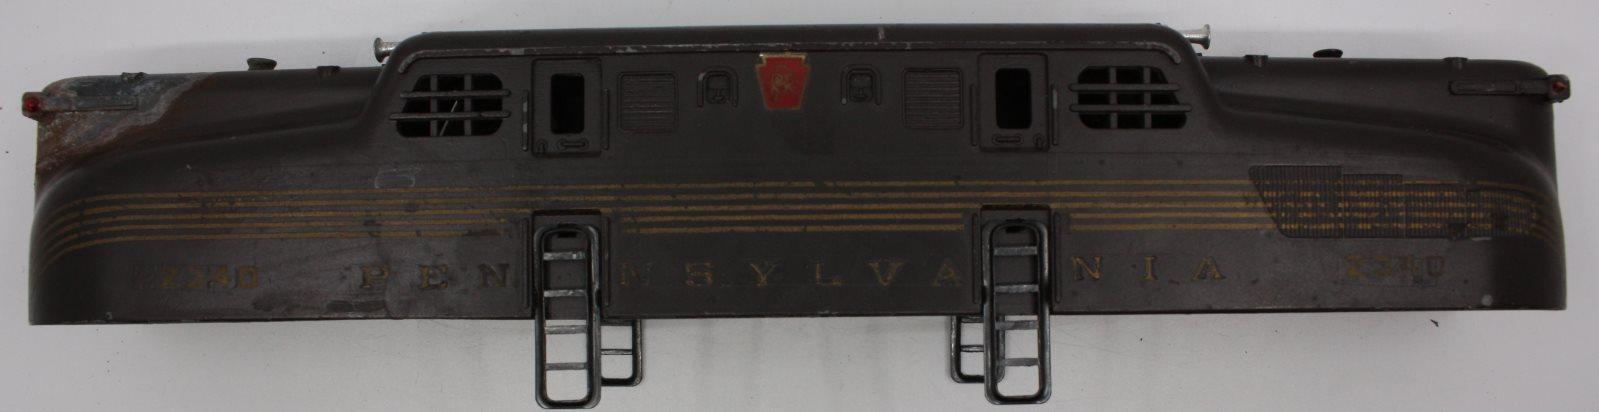 Lionel 8024-T55 Marker Lamp Lens 3 Prr S-1 Tender Red